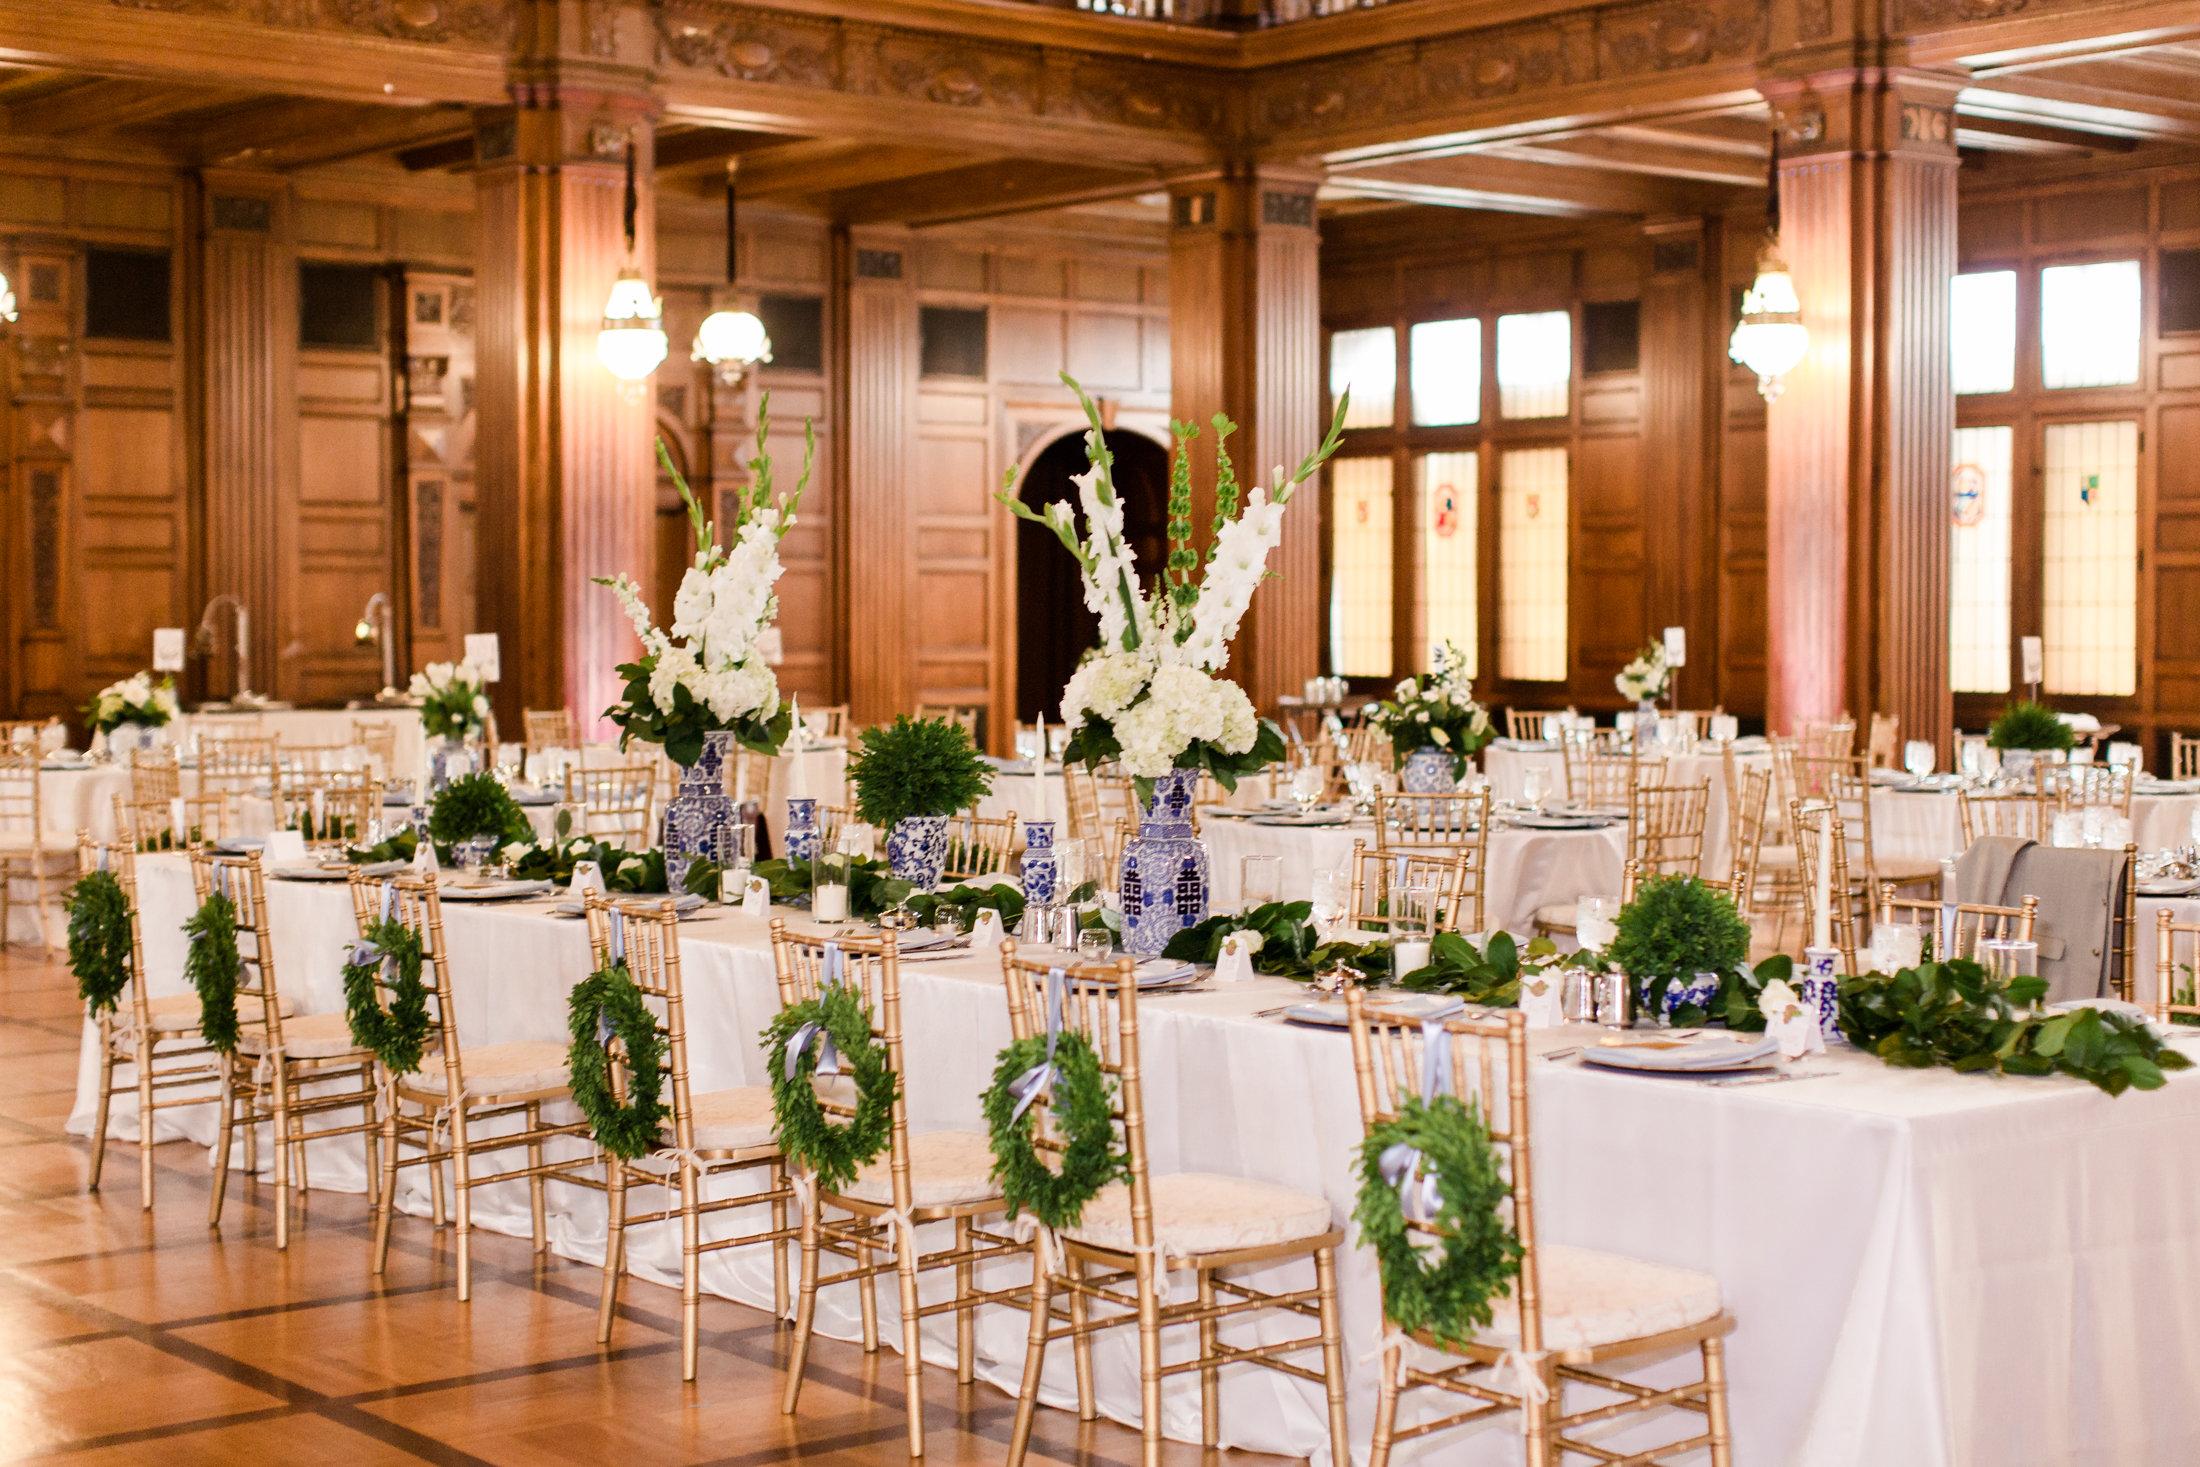 Wedding Reception with Wreath Decor